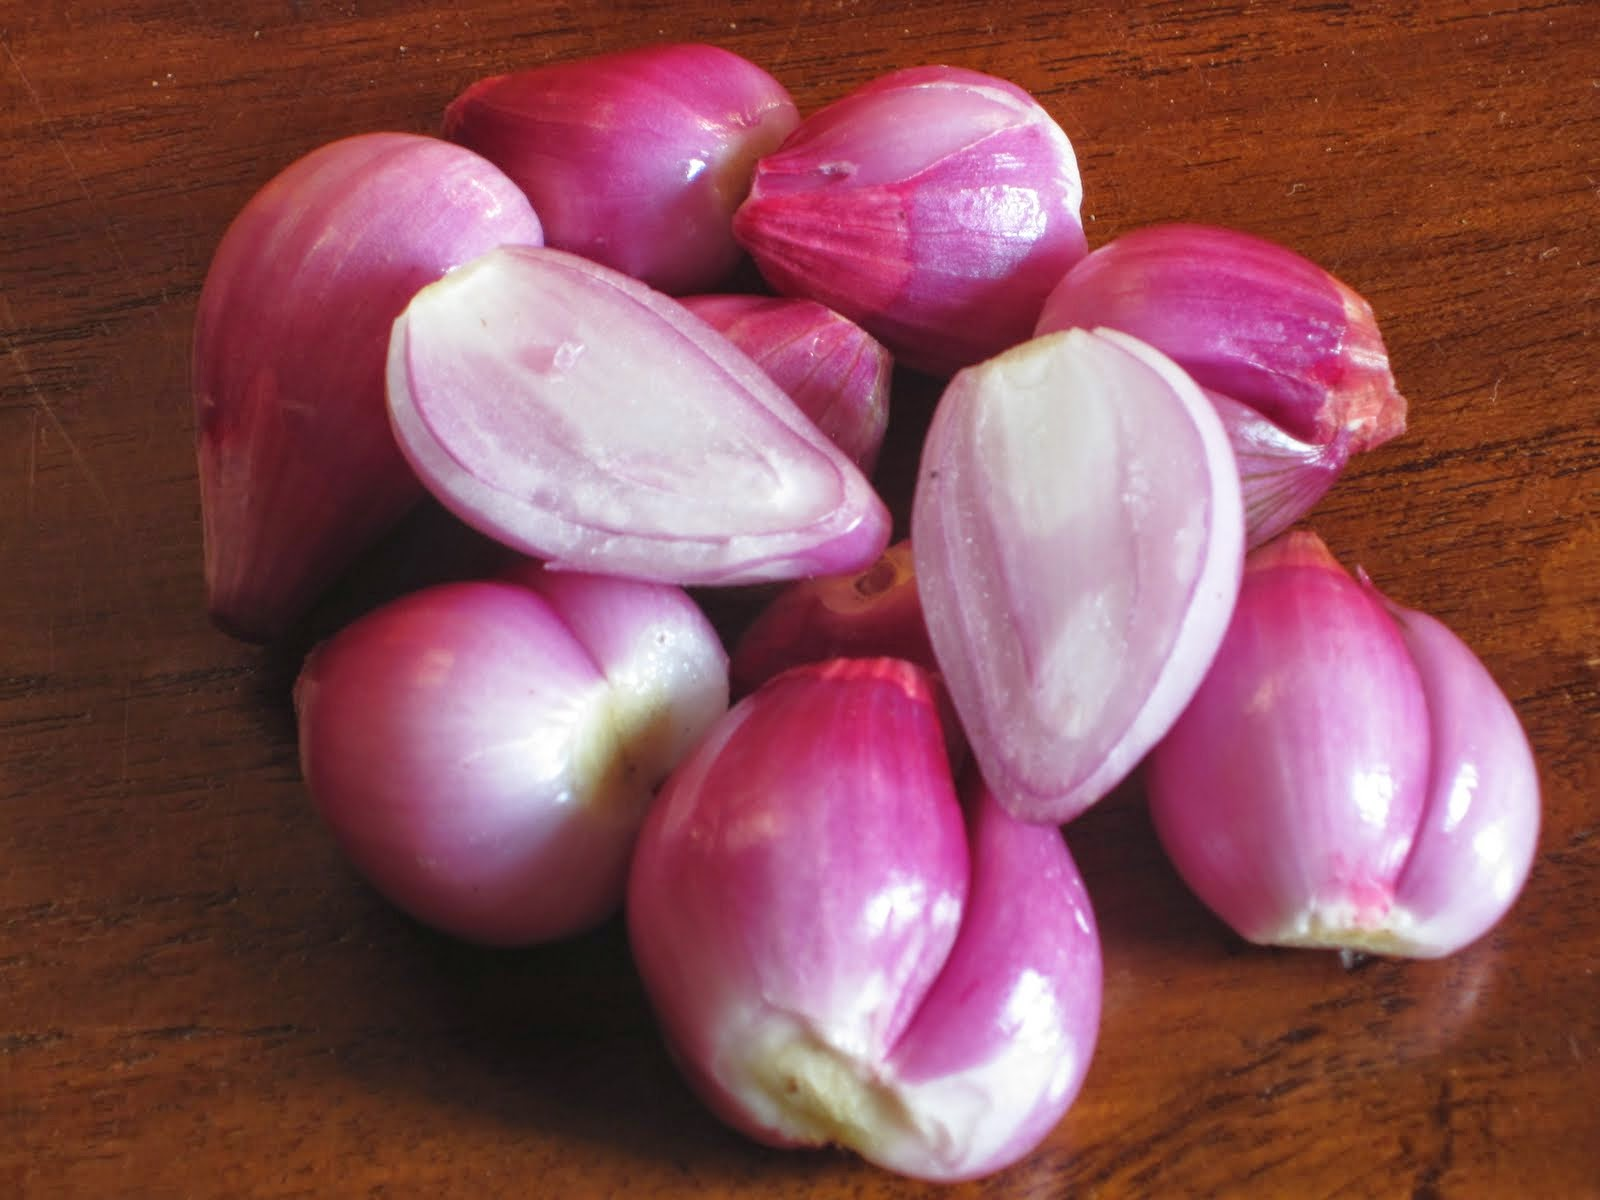 Hasil gambar untuk bawang merah beku